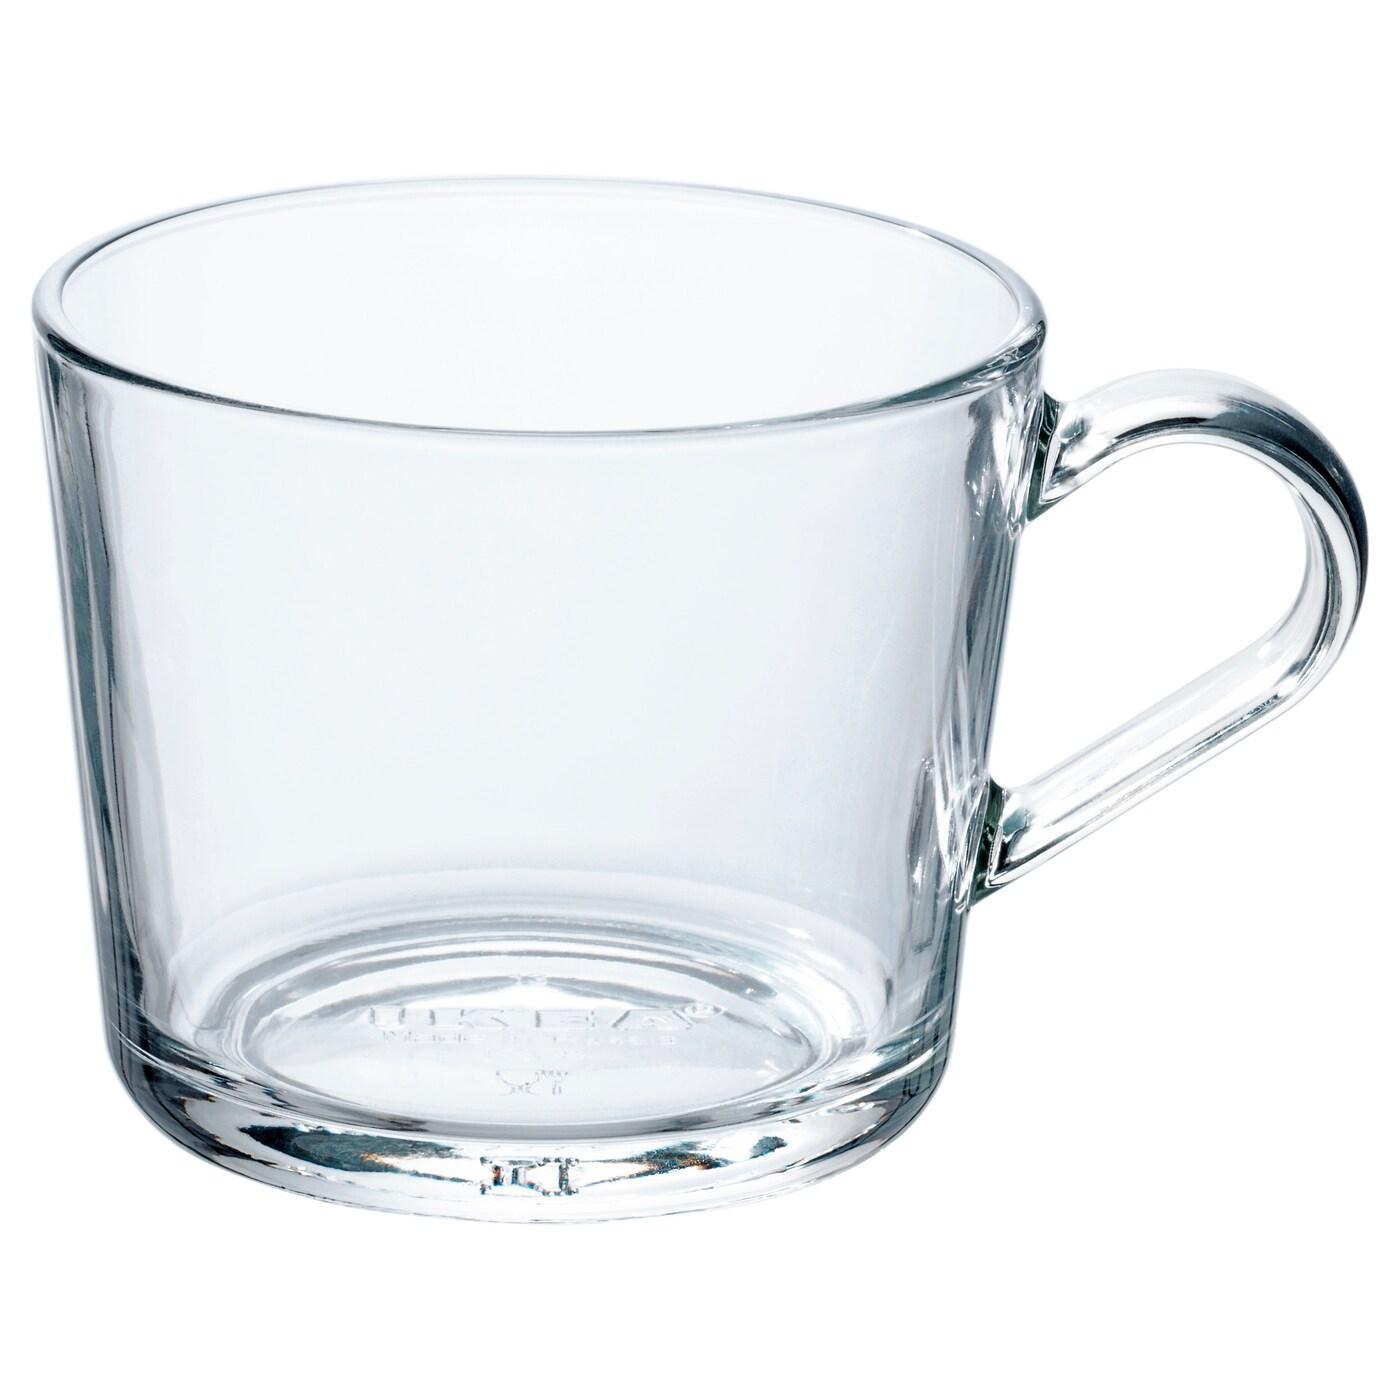 ИКЕА IKEA 365+, чашка, 102.797.23, прозрачное стекло, 24 сл